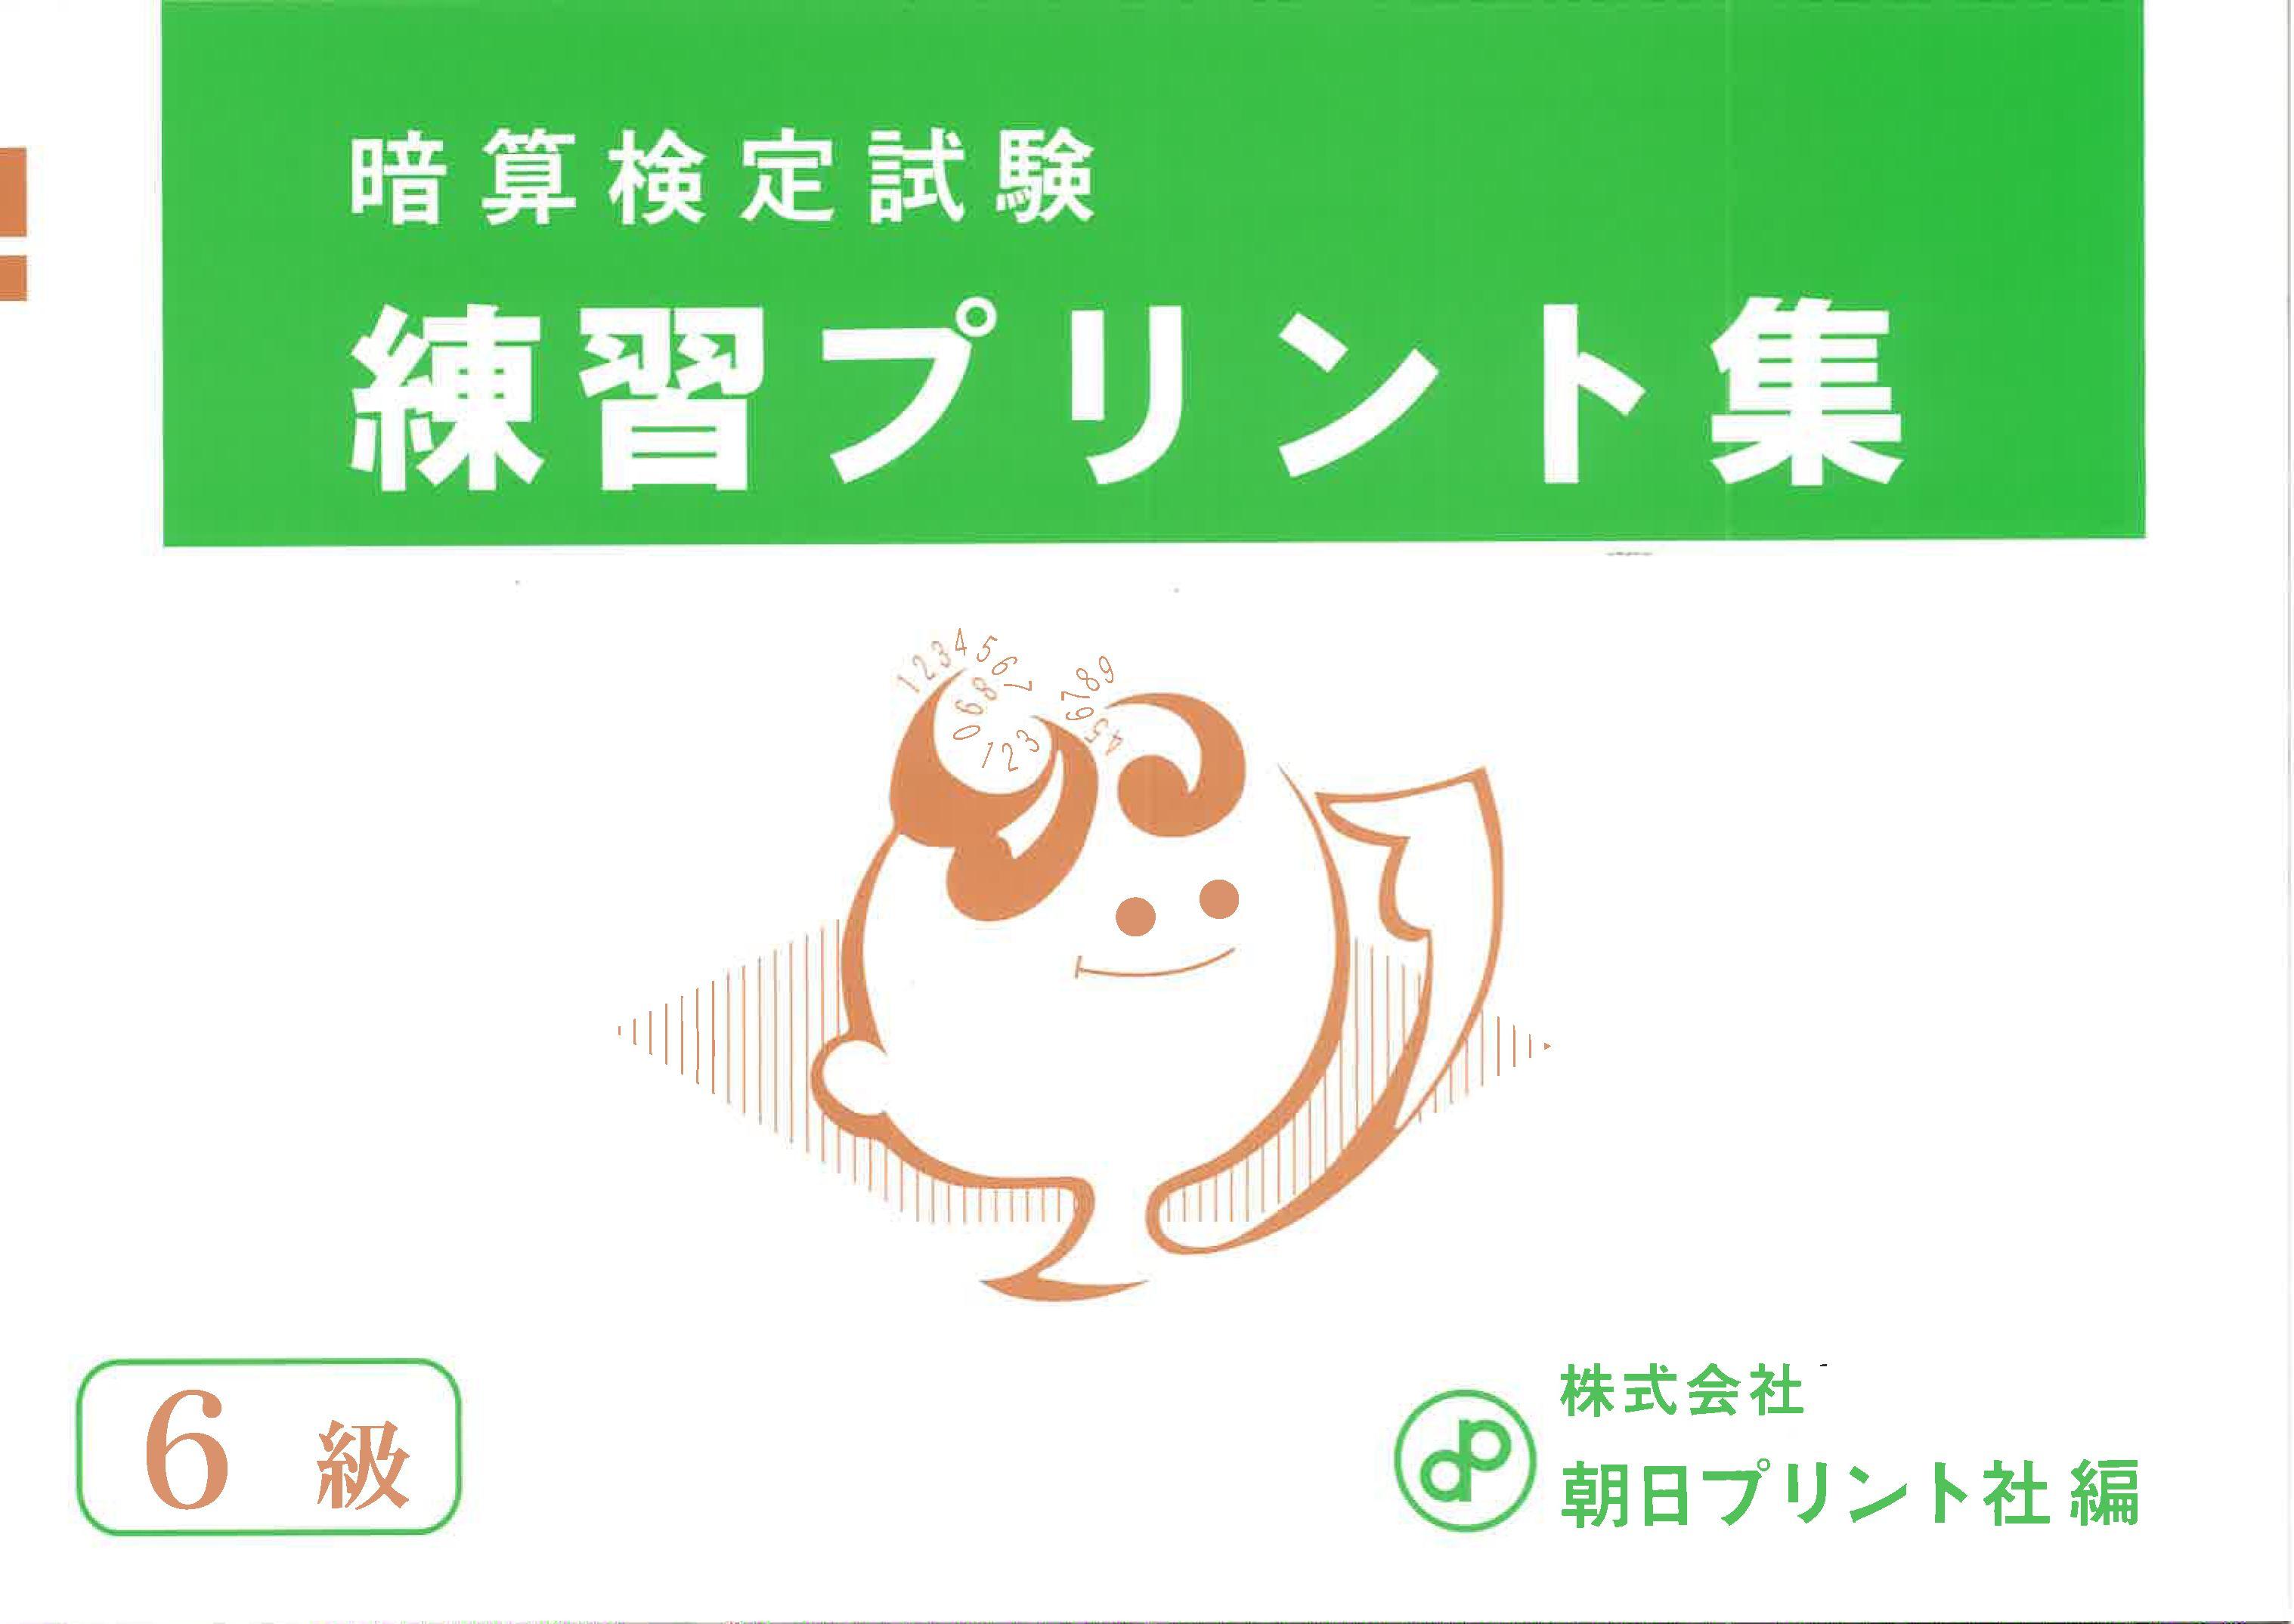 (旧) 日珠連 暗検プリント集 6級